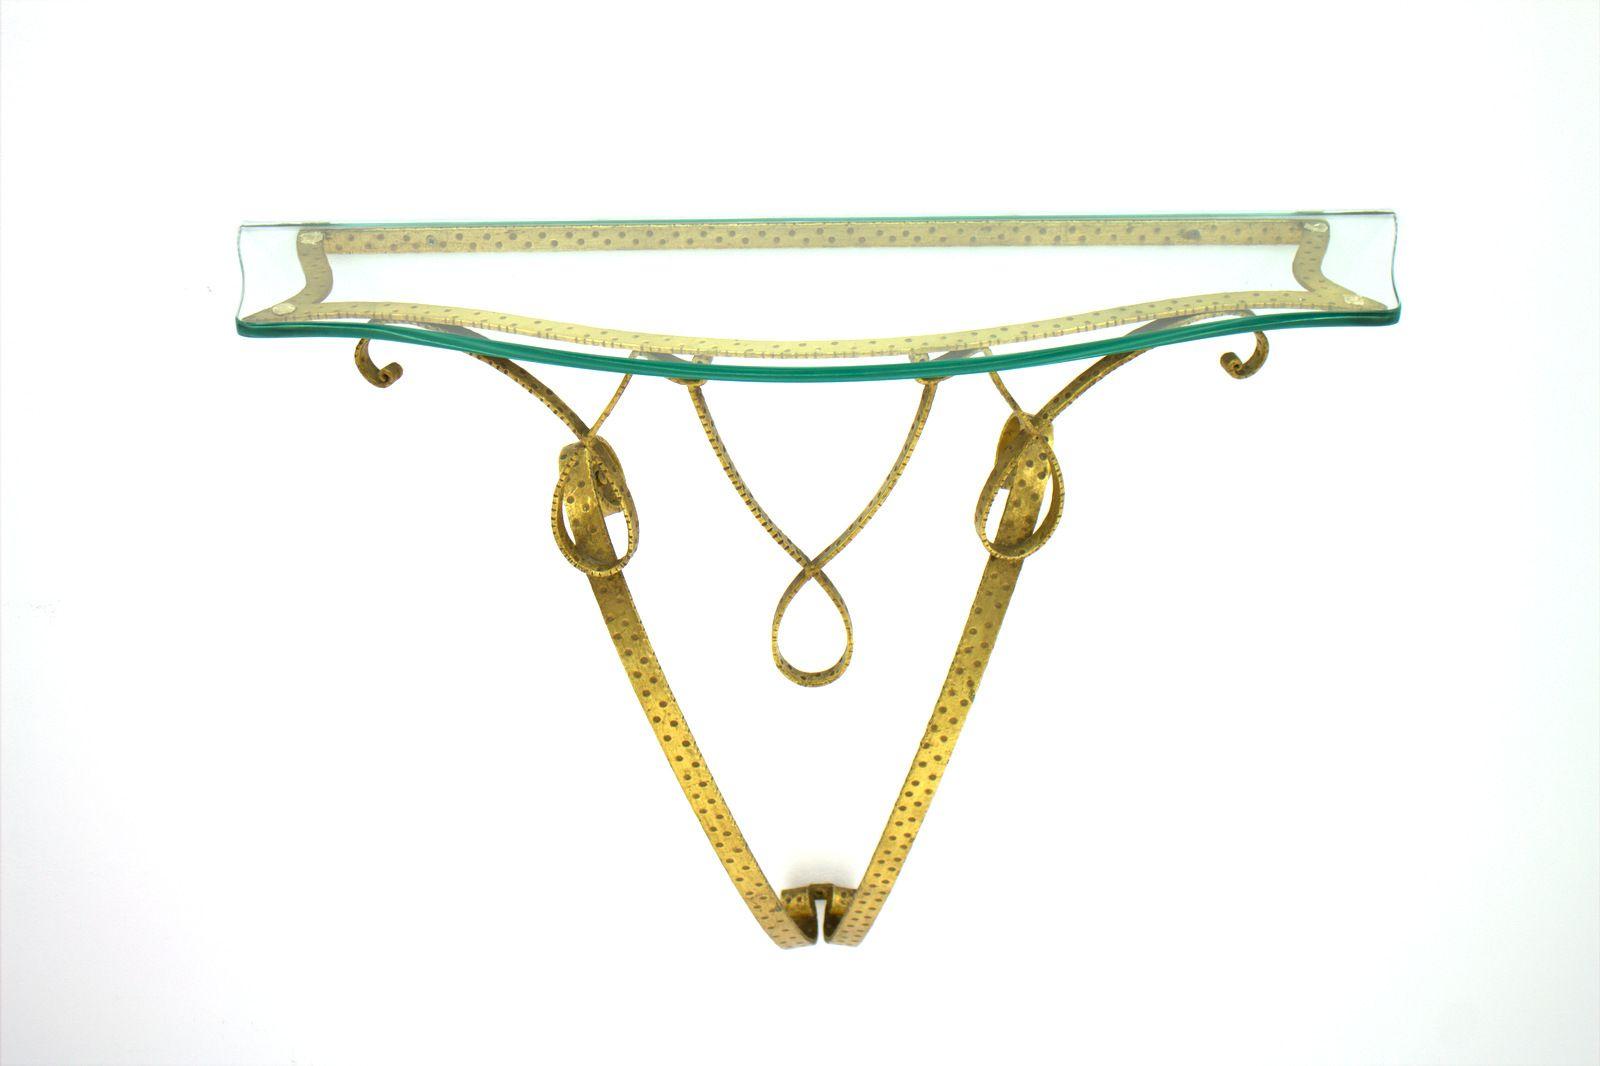 italienische messing glas wandkonsole von pier luigi colli 1950er bei pamono kaufen. Black Bedroom Furniture Sets. Home Design Ideas